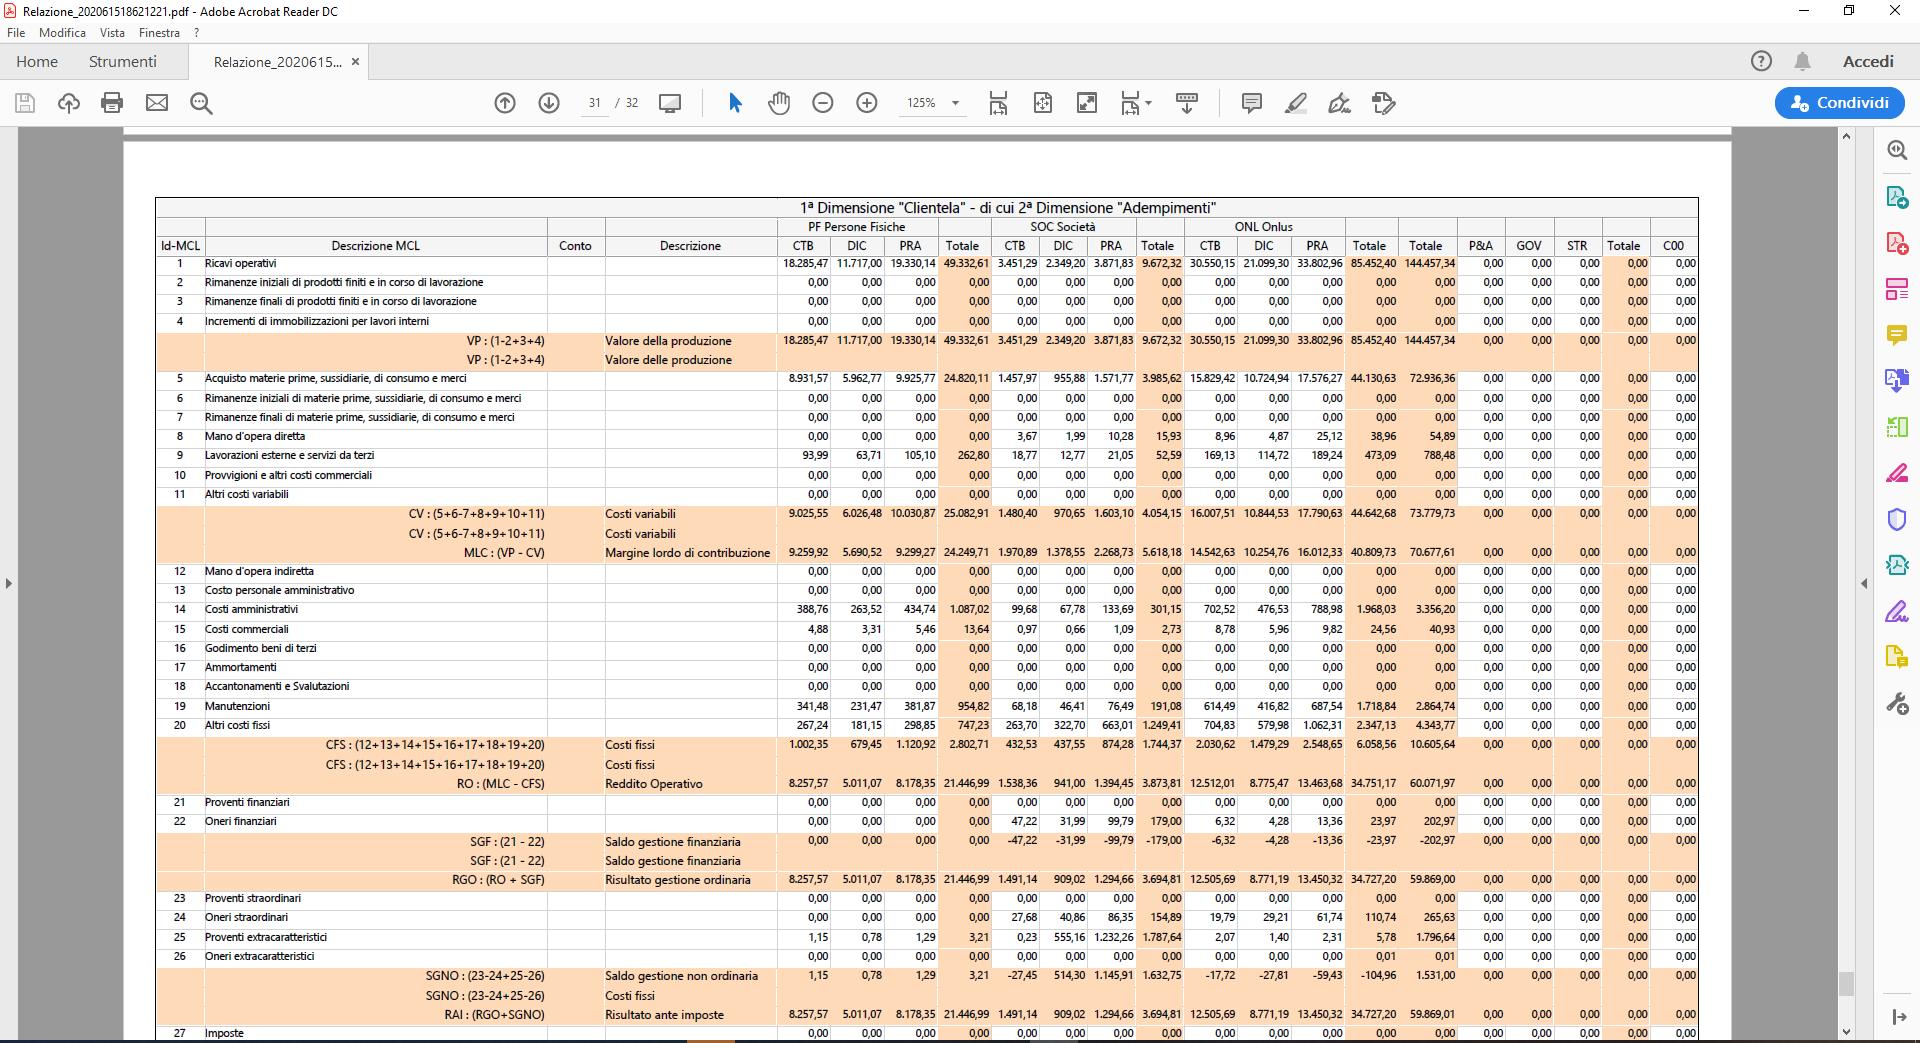 Centri di profitto e di costo: Report a Margine lordo di contribuzione - Report a MCL all'interno della relazione